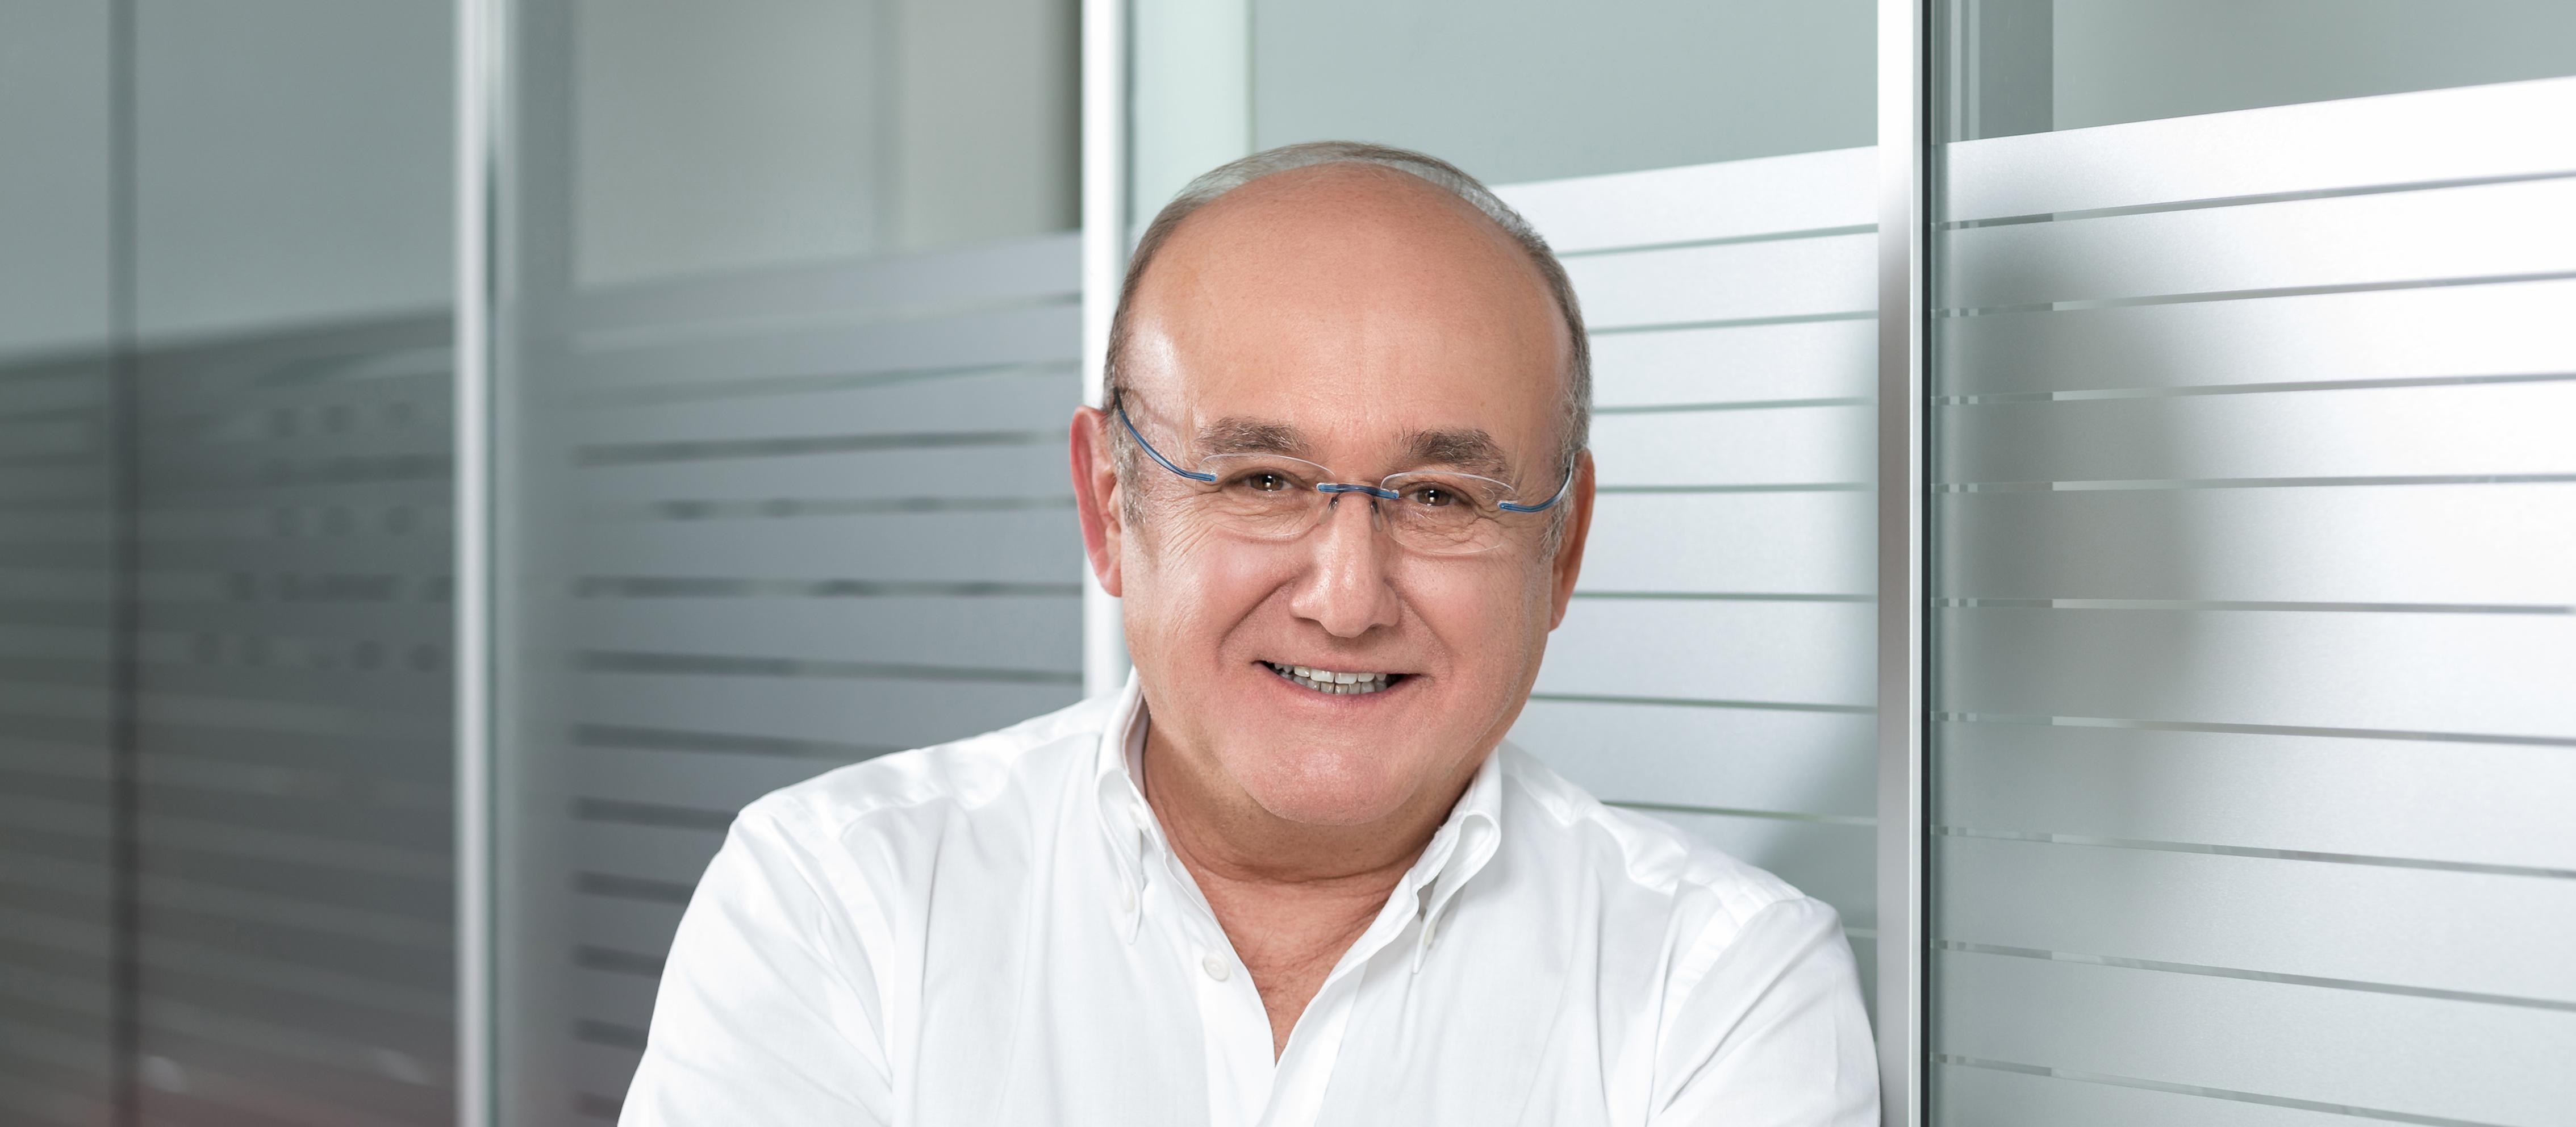 Dr. Harald Schütz